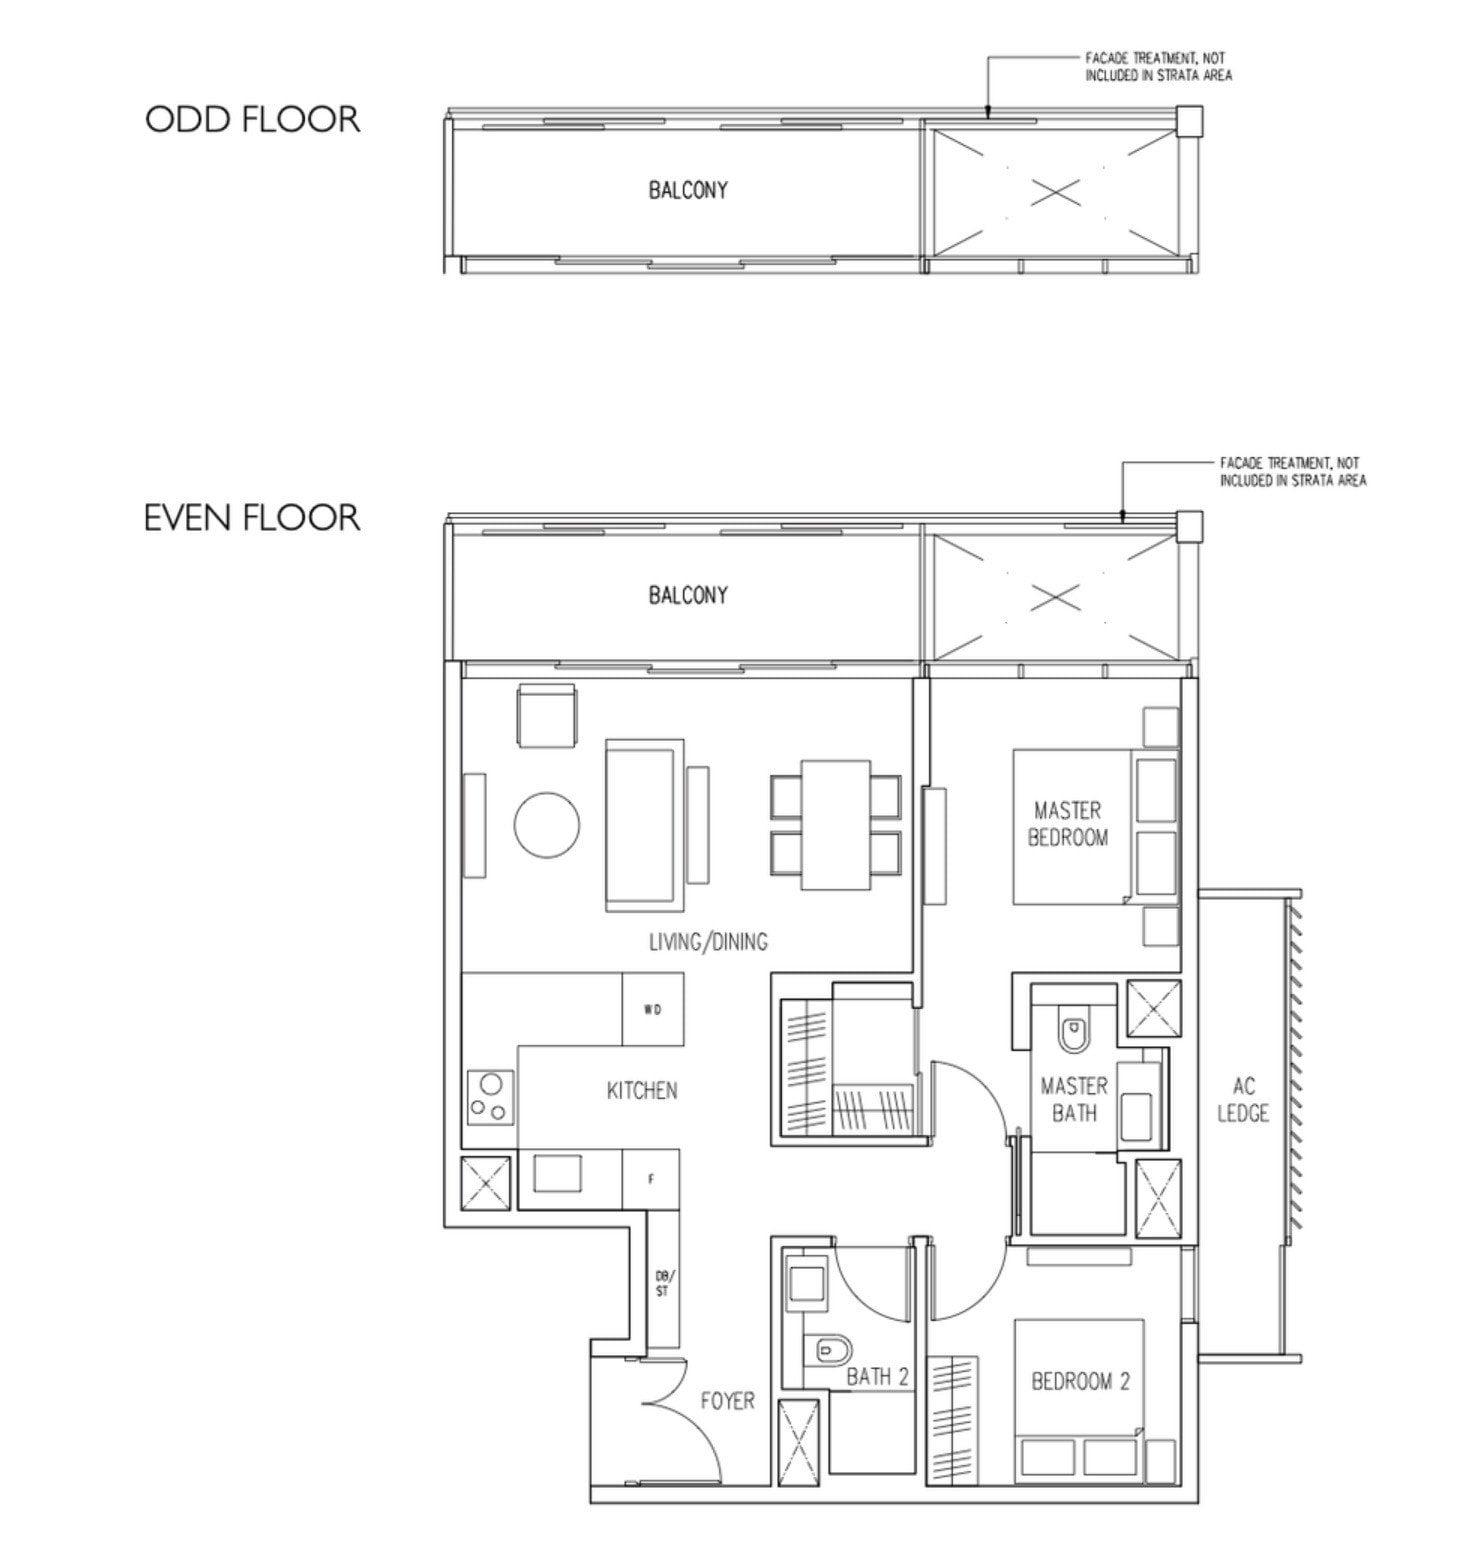 19 Nassim Condo floor plan 2BR2Bath type B1